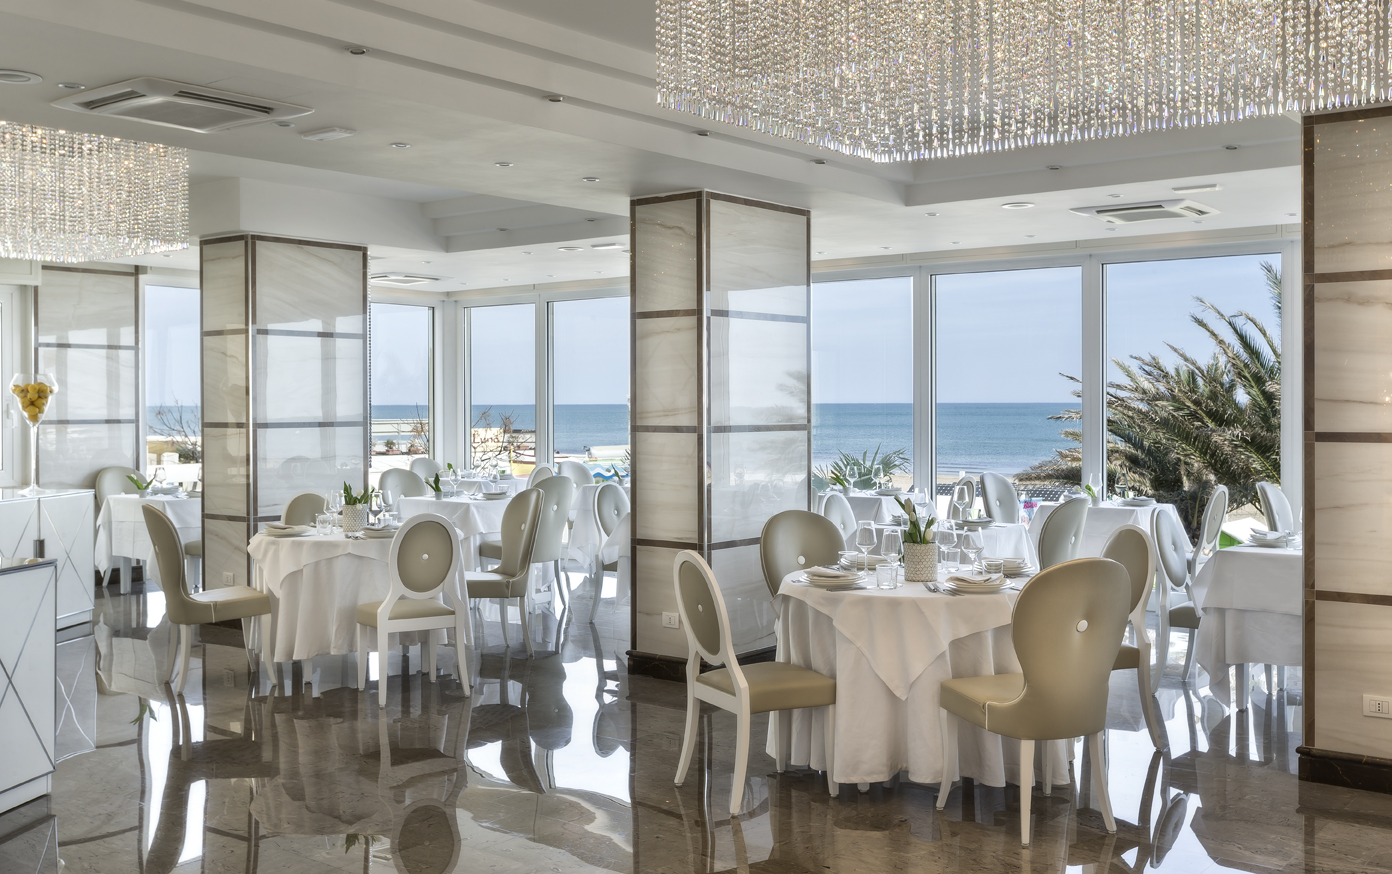 Maximilian's Hotels per un meraviglioso soggiorno a Riccione